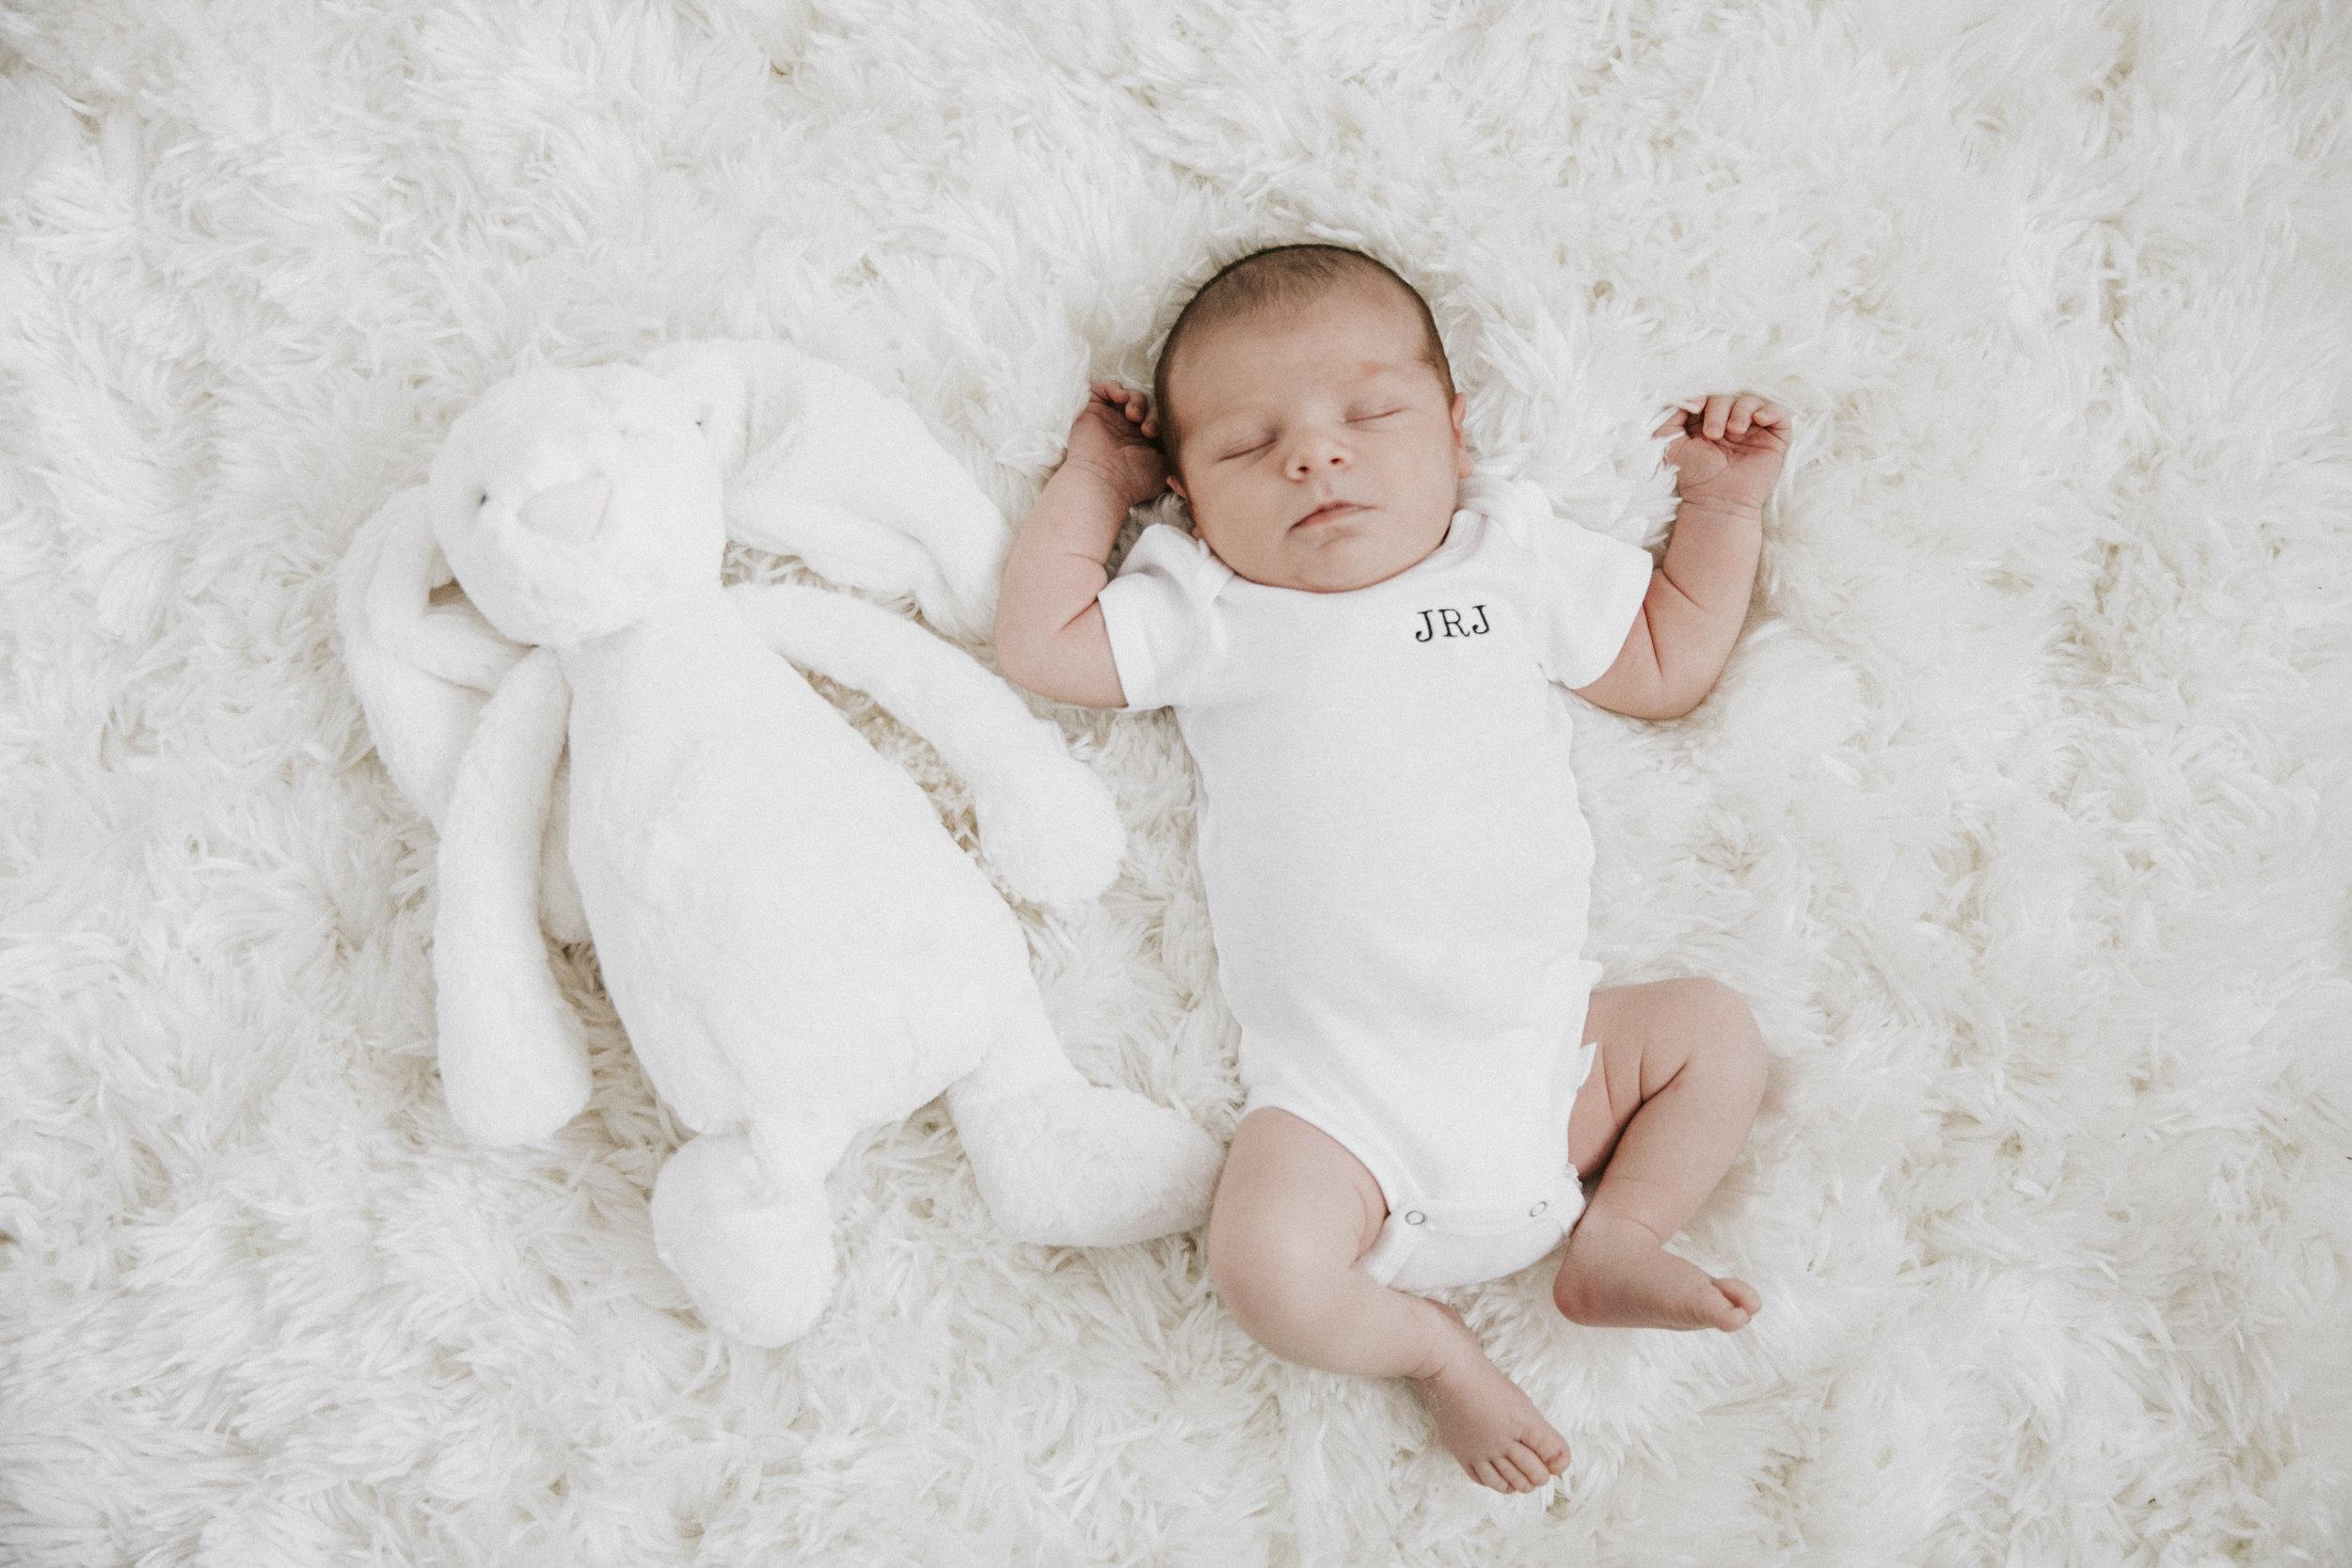 Neutral nursery.  Black and white nursery.  What to wear for newborn photoshoot. White monogrammed onesie for newborn boy.